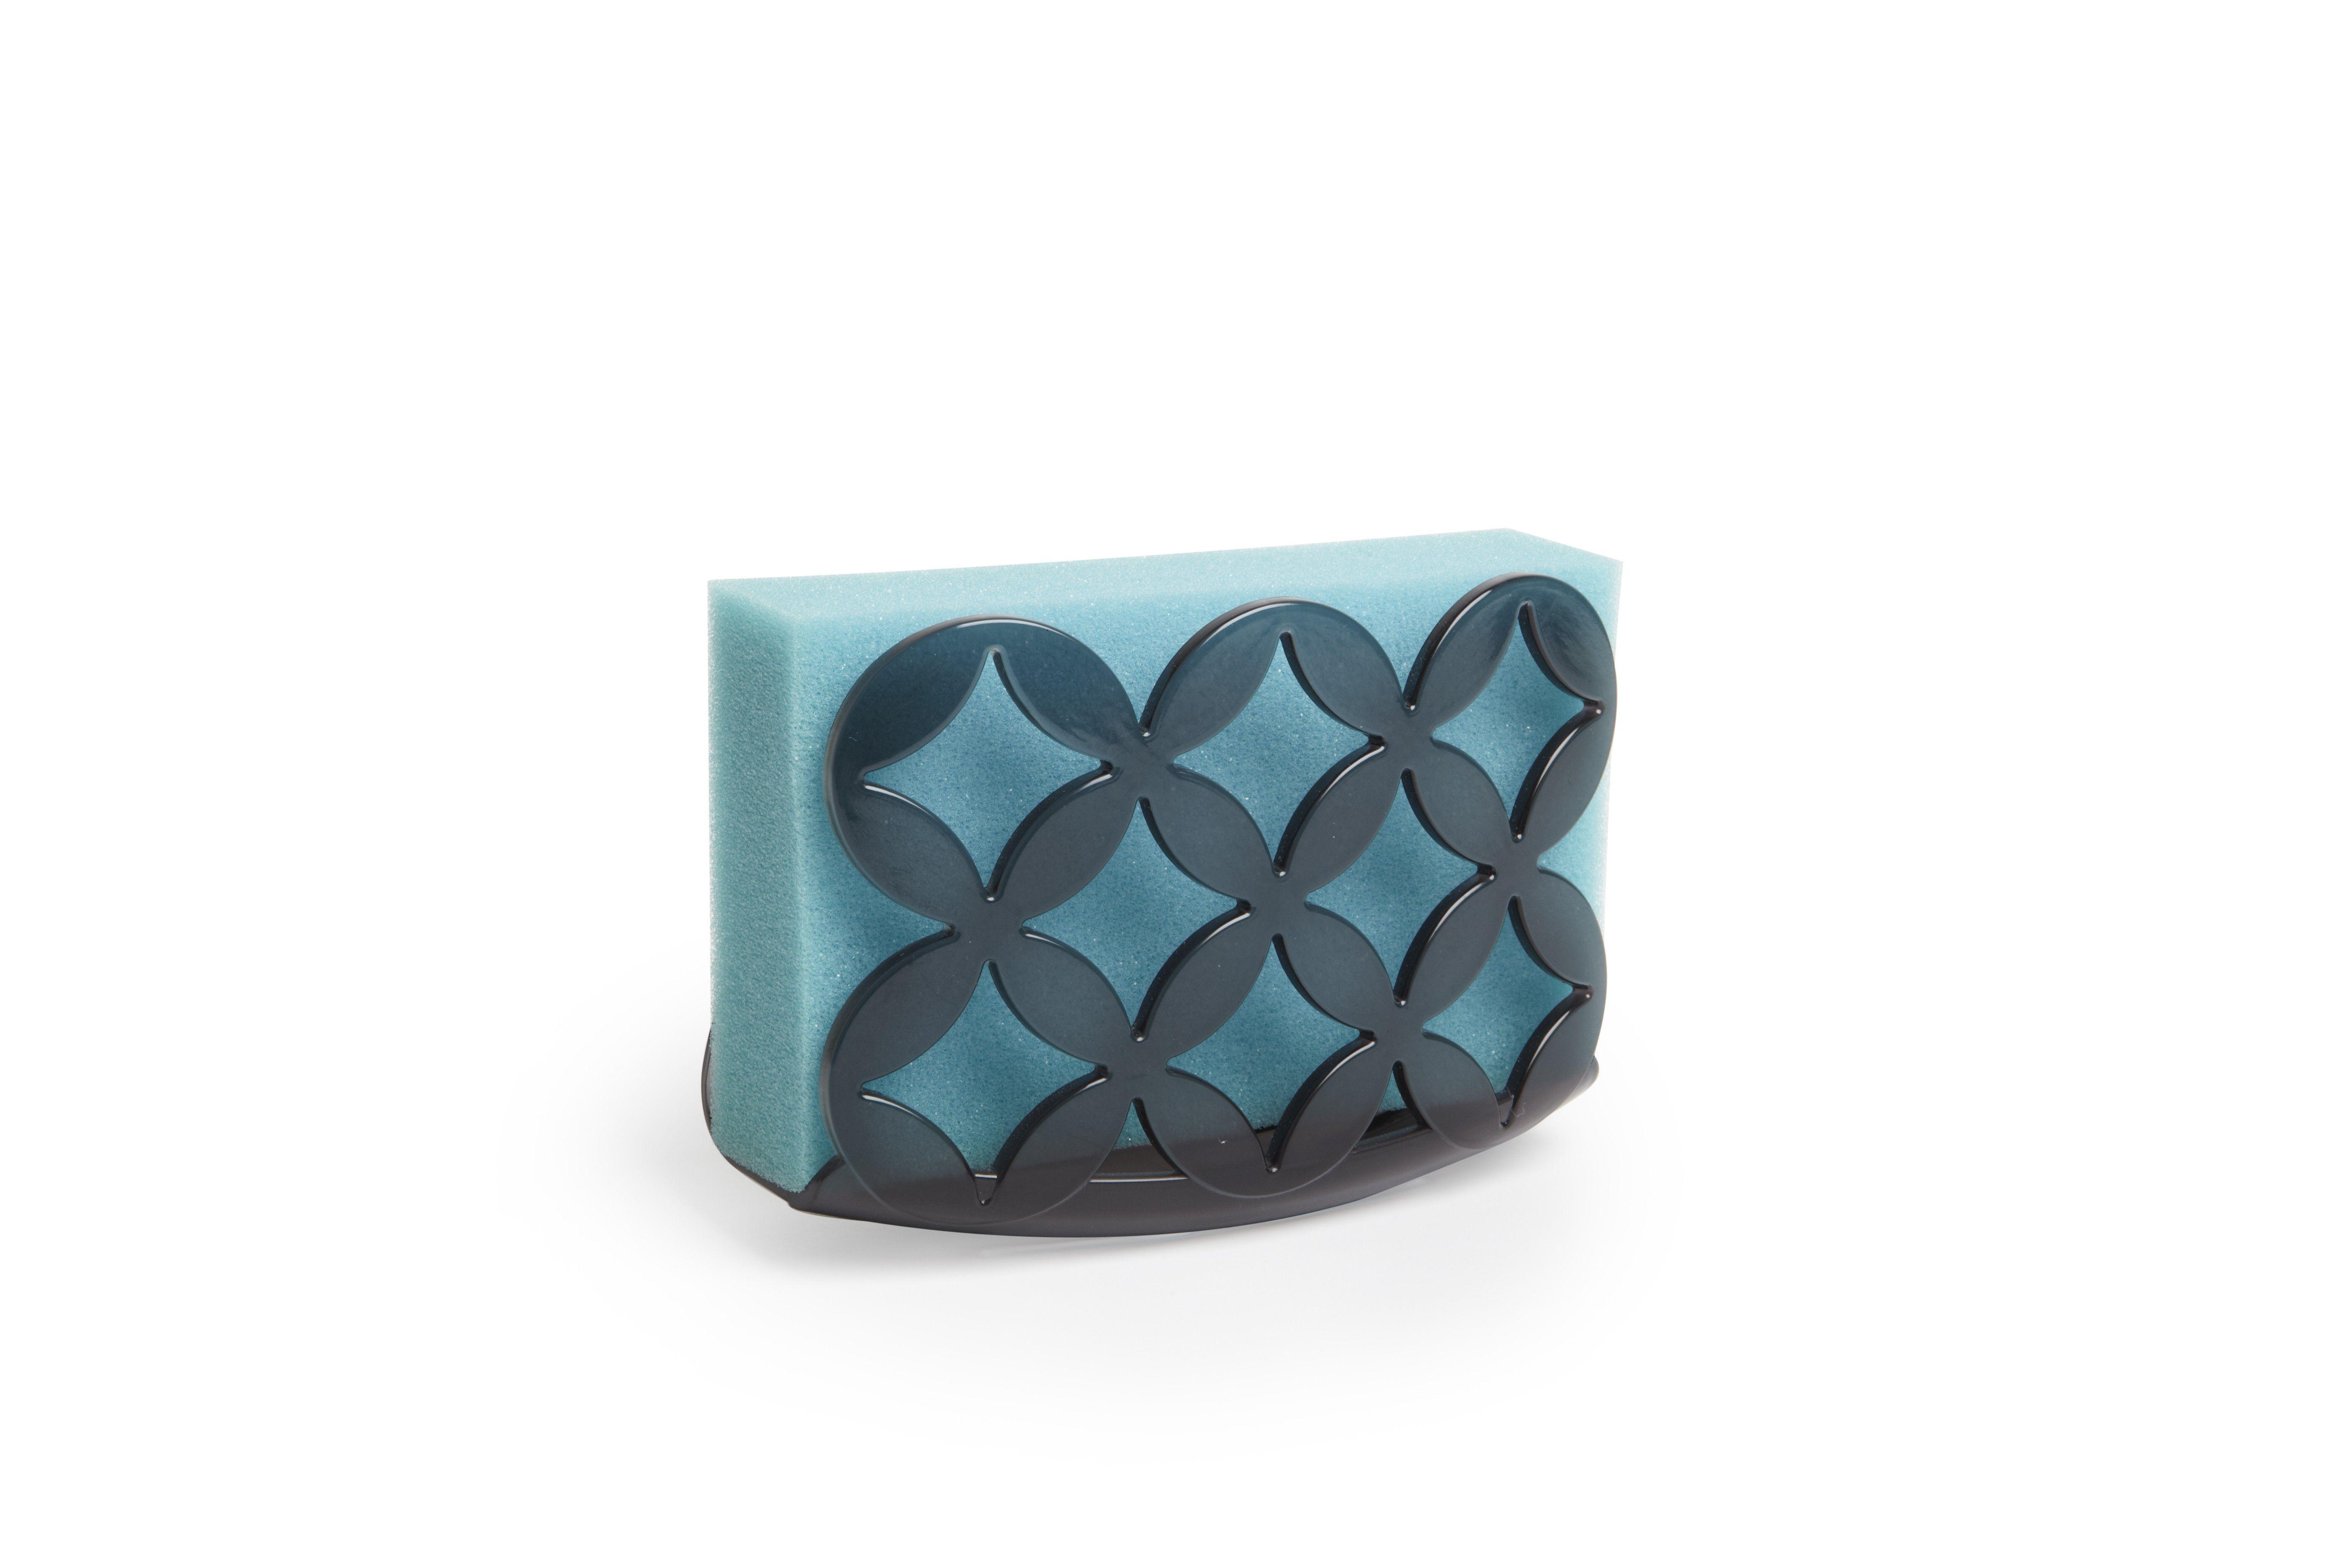 meridian sponge holder   Product   Pinterest   Sponge holder ...